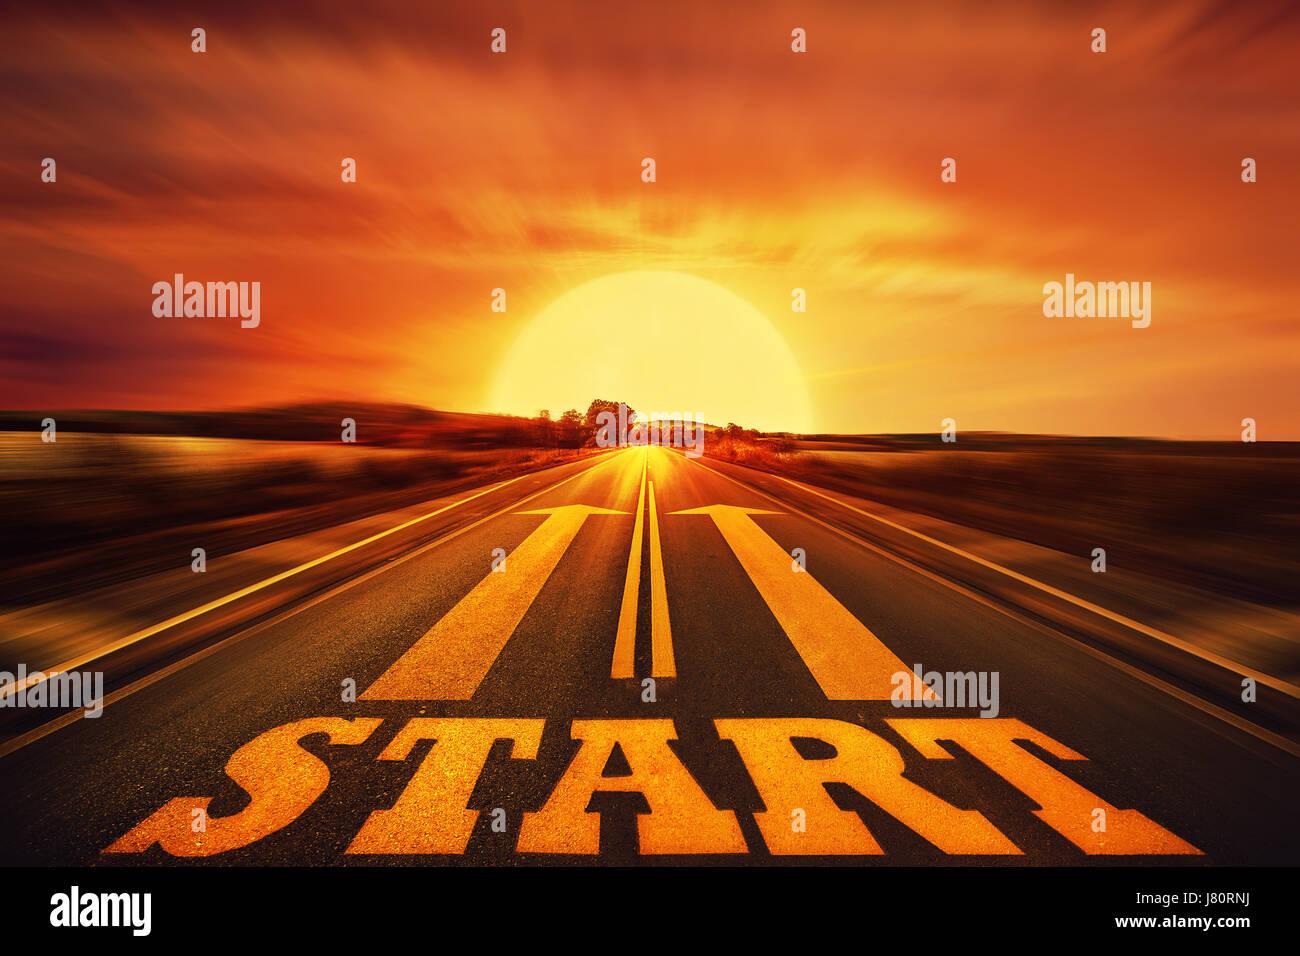 Inicio de palabra escrita en una carretera asfaltada y dos flechas como motivación. Largo camino por delante como Foto de stock